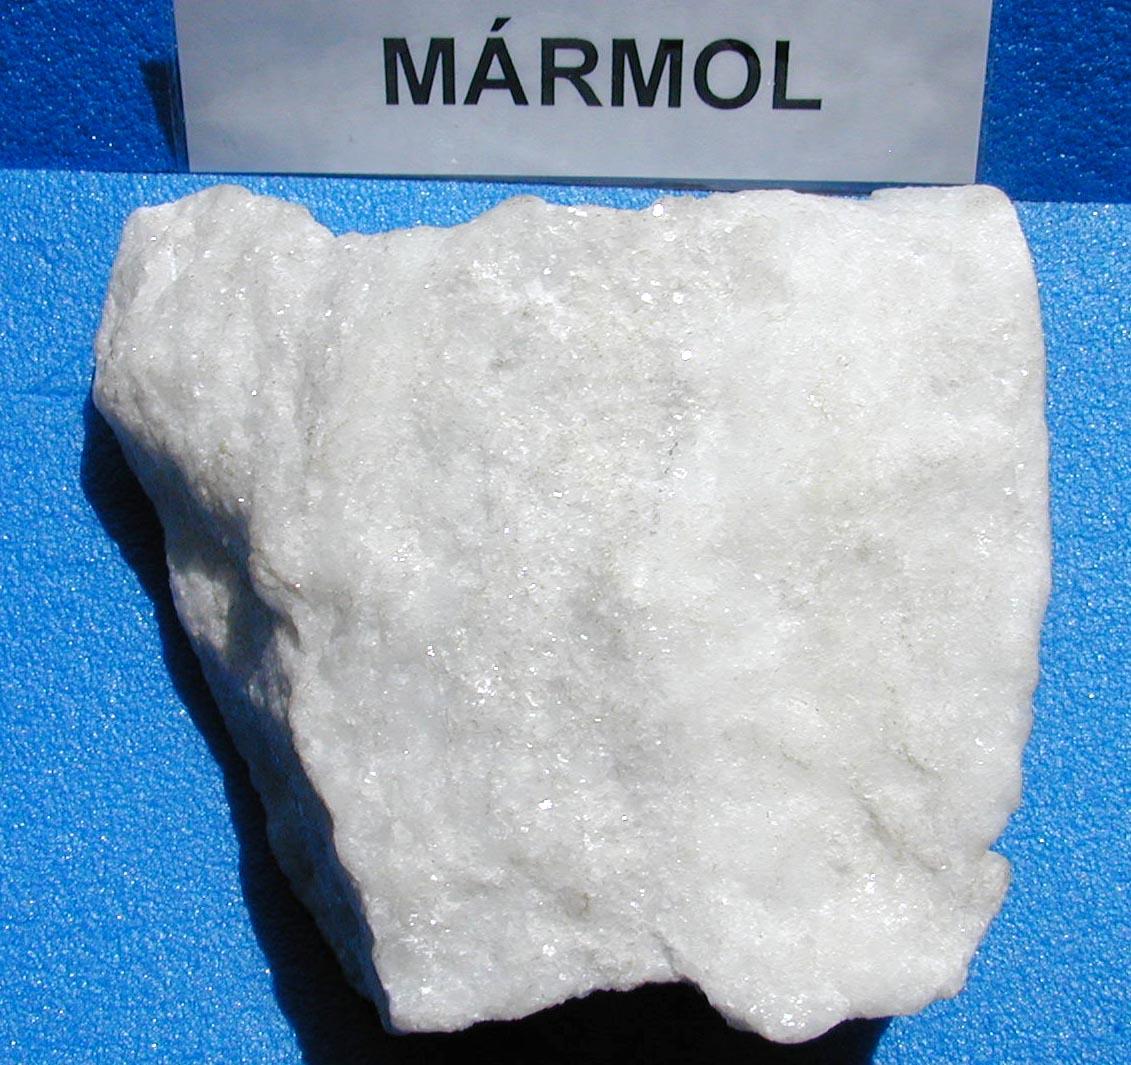 Biologia geologia 1 bach tema 2 minerales y rocas for Imagenes de piedra marmol